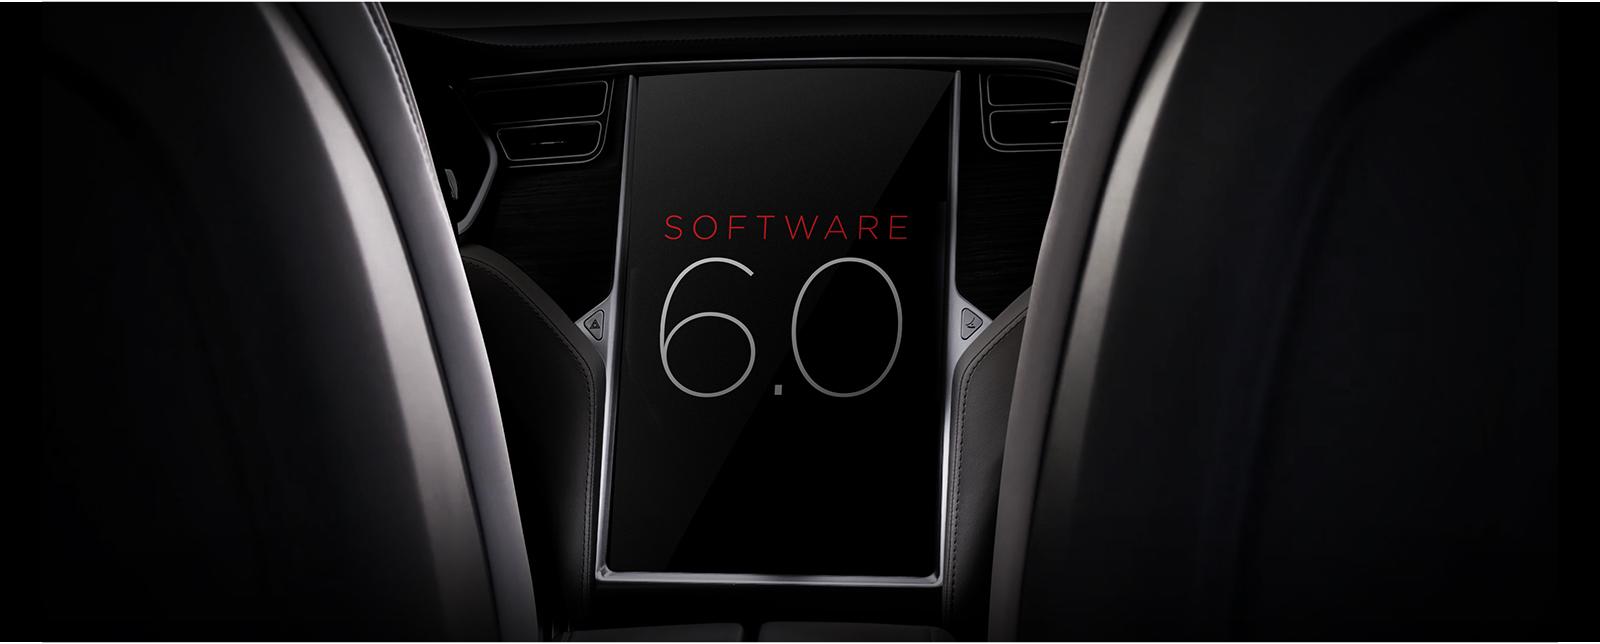 Software v6.0